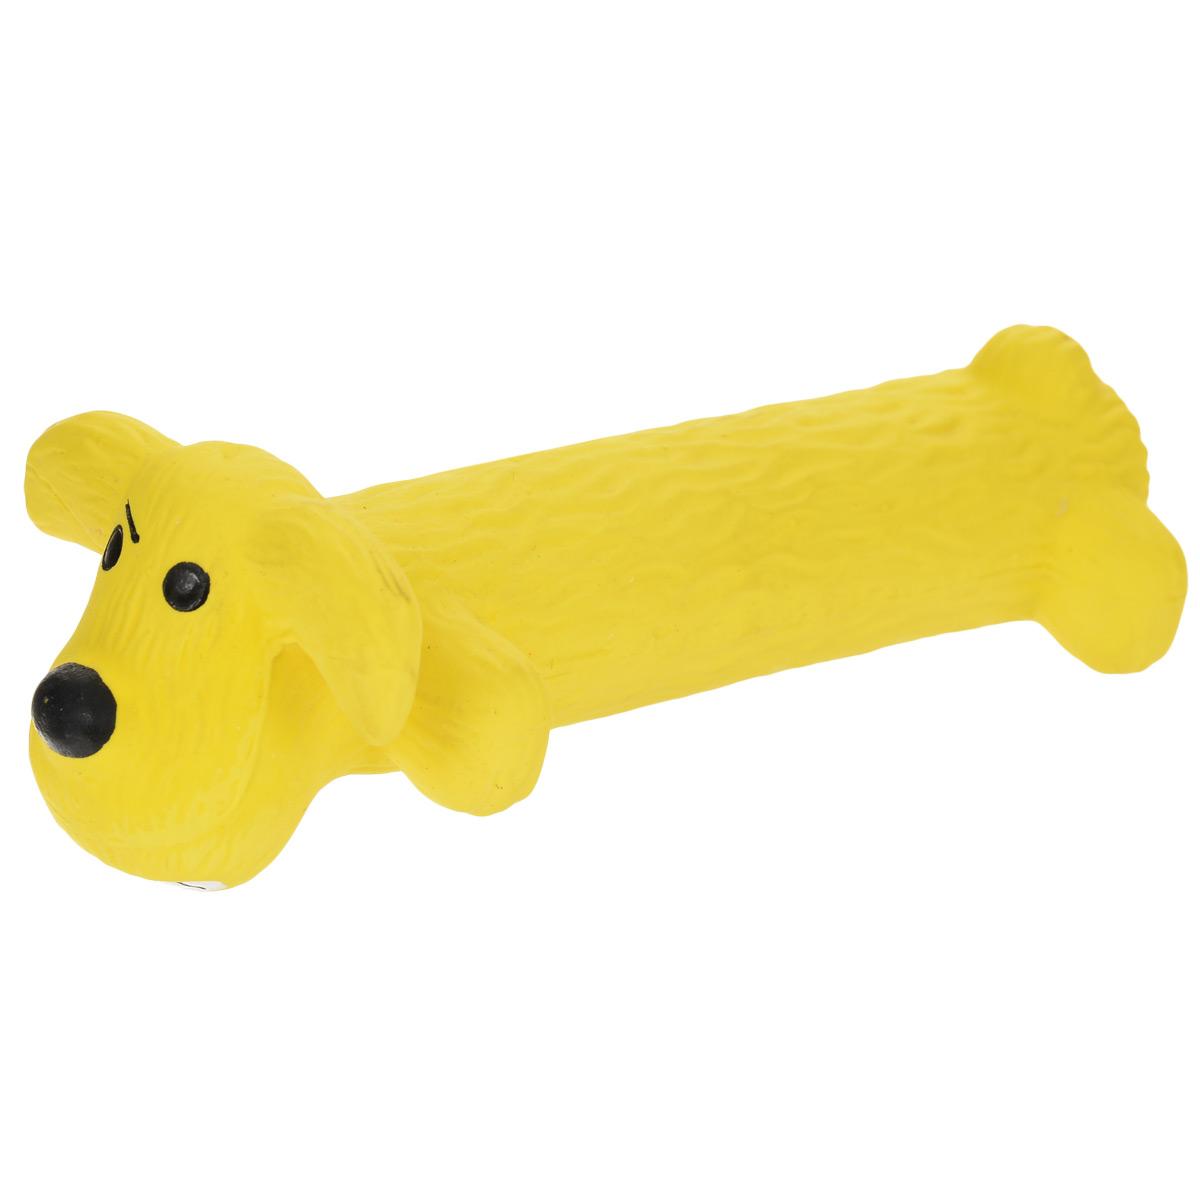 Игрушка Multipet Собака, с пищалкой, цвет: желтый, длина 15 см12-61035Прочная игрушка Multipet Собака с пищалкой изготовлена из качественного структурированного латекса - прочного и безопасного материала с использованием нетоксичных красителей. Игрушка уникальна тем, что имеет мягкий наполнитель. Устойчива к разгрызанию. Пищит при нажатии. Имеет приятный и интересный для собаки рельеф. Великолепно подходит для игры и массажа десен вашей собаки. Игрушка не позволит скучать вашему питомцу ни дома, ни на улице.